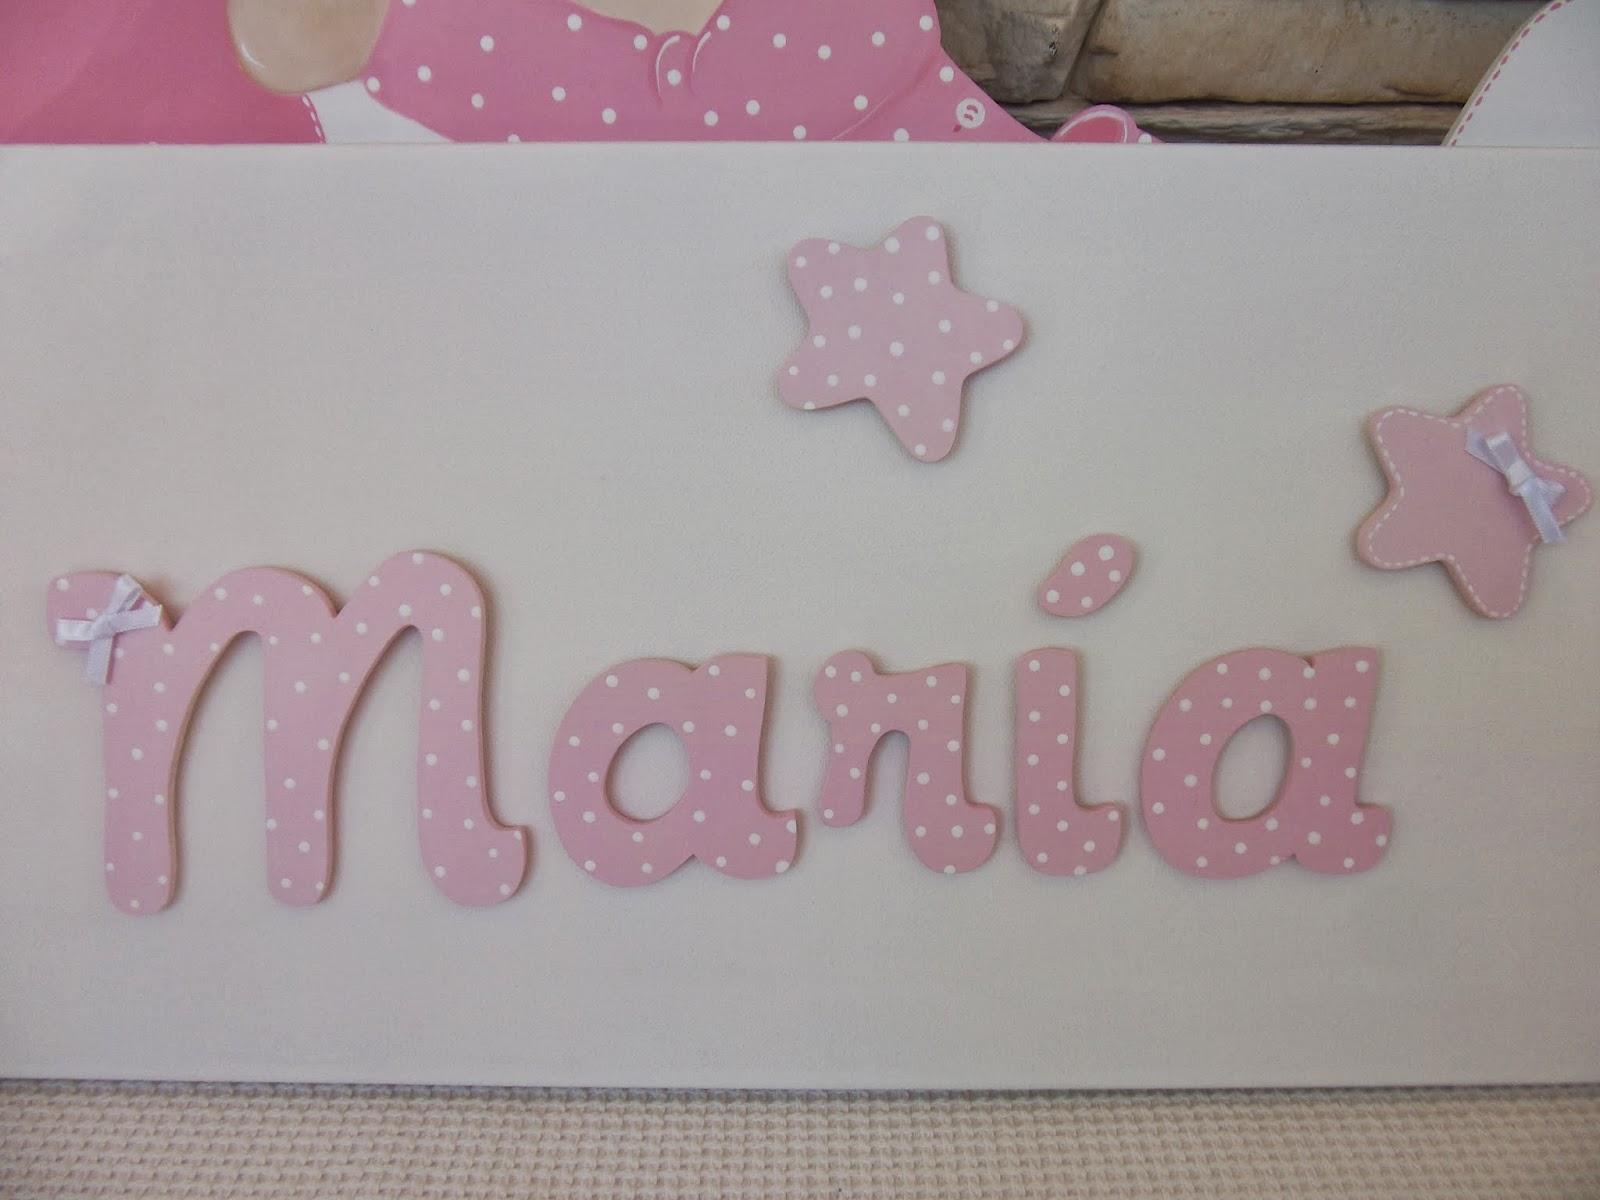 Decoraci n infantil pekerines letras de madera para beb s - Letras bebe decoracion ...